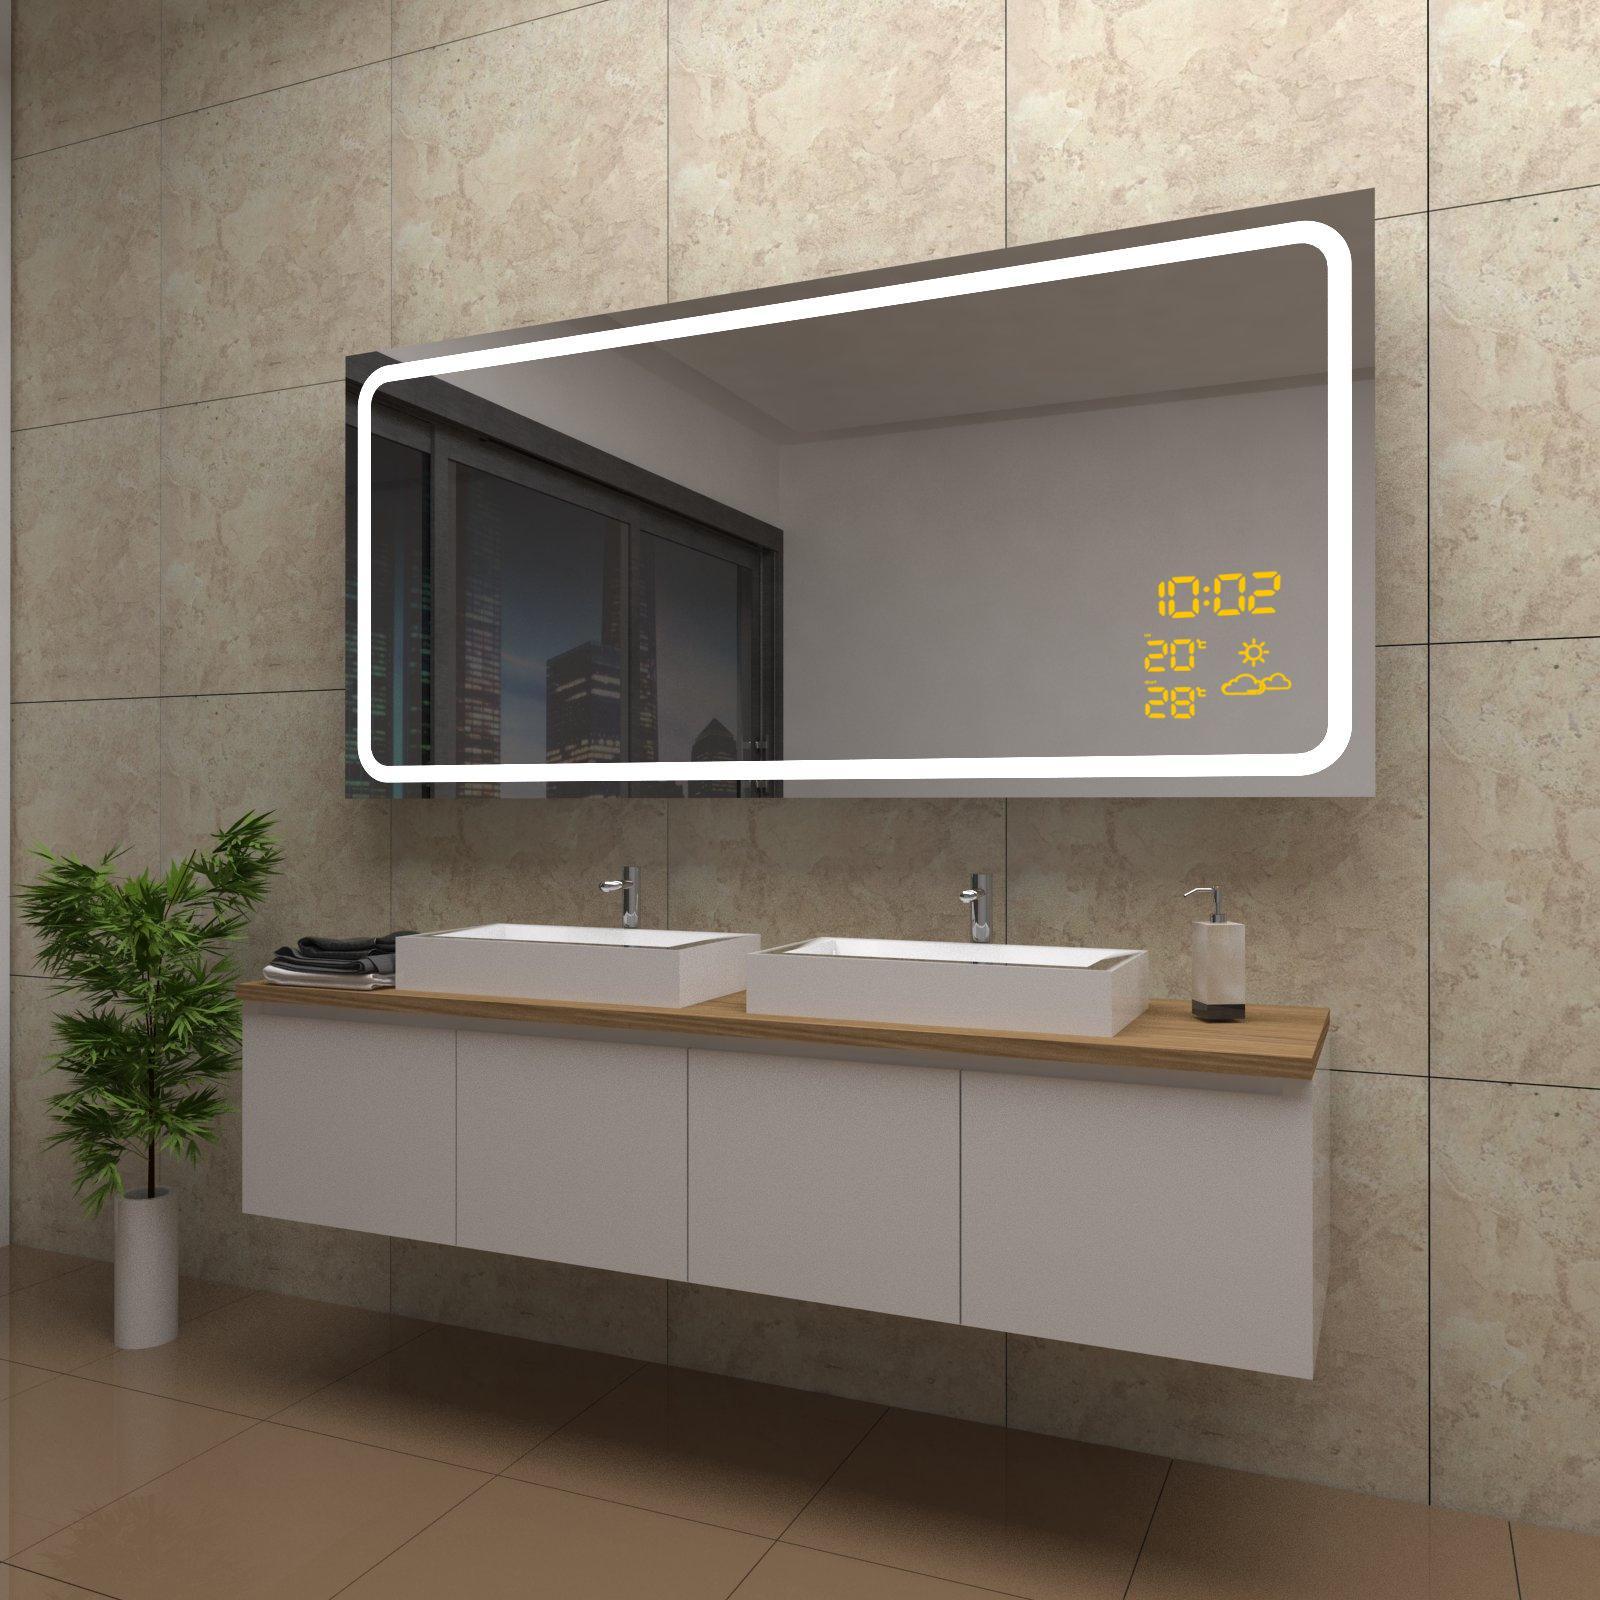 Badezimmer Spiegel Led Uhr